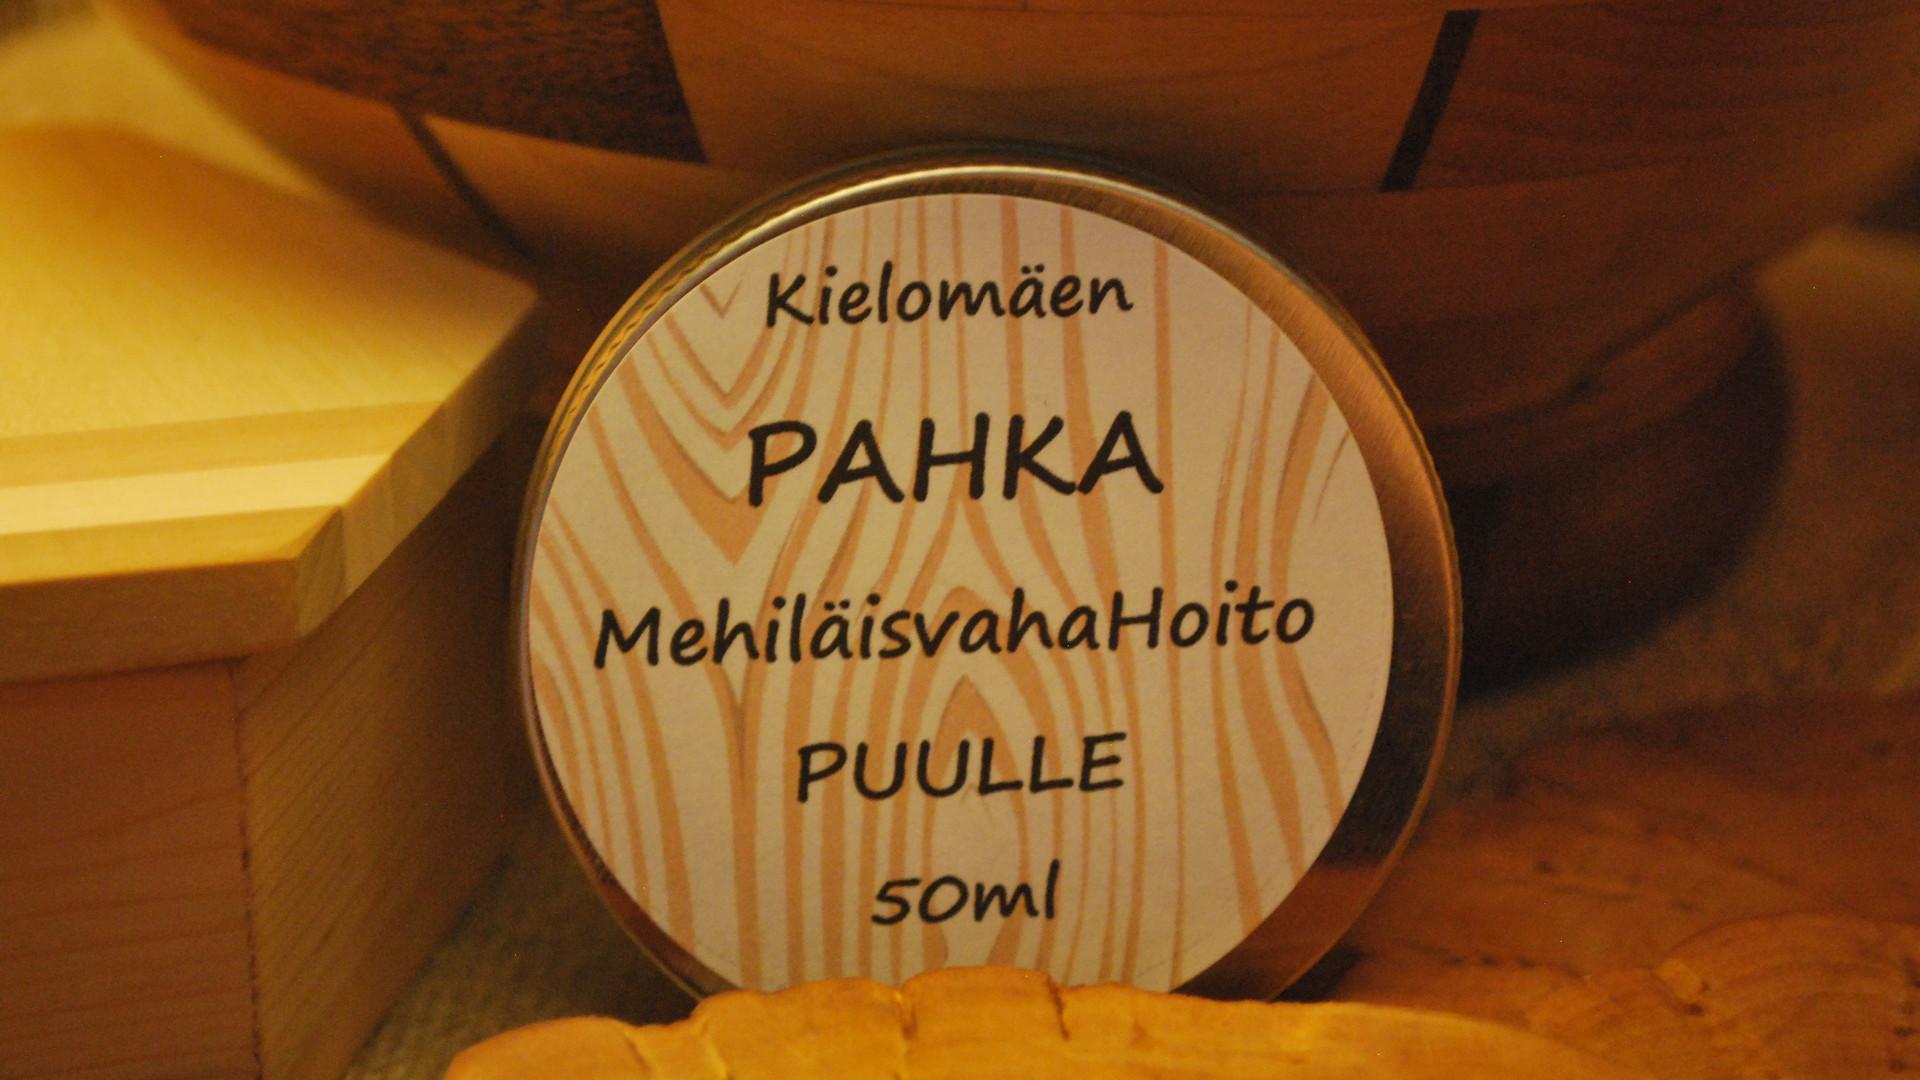 Keilomäki Pahka.JPG